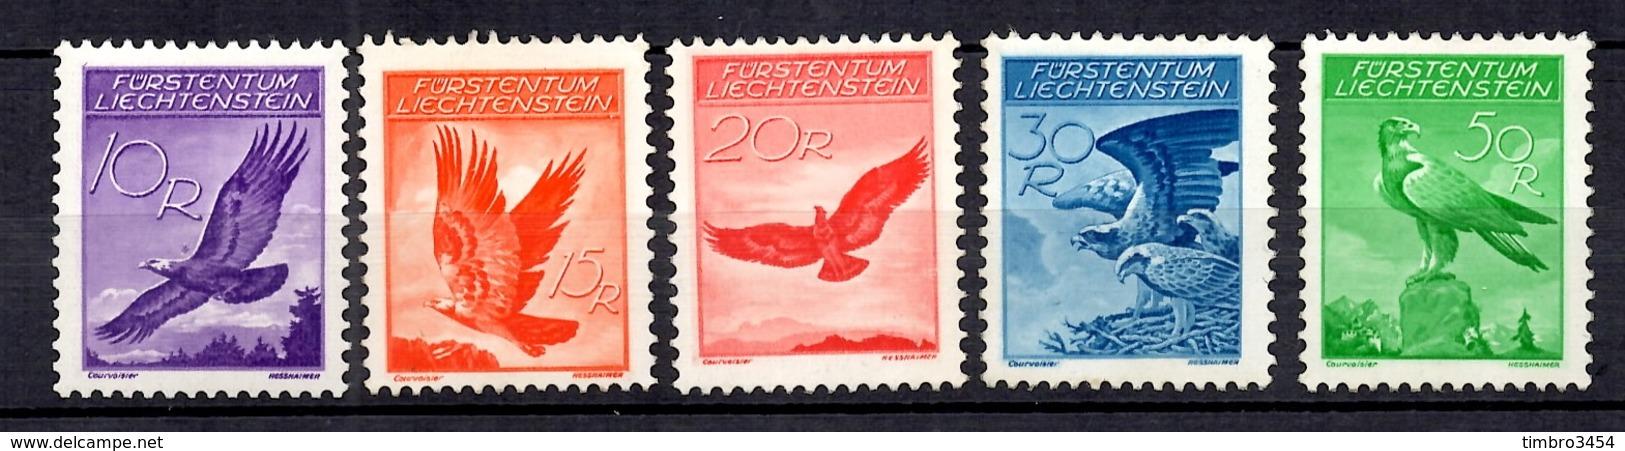 Liechtenstein Poste Aérienne YT N° 9A/13A Neufs ** MNH. TB. A Saisir! - Poste Aérienne